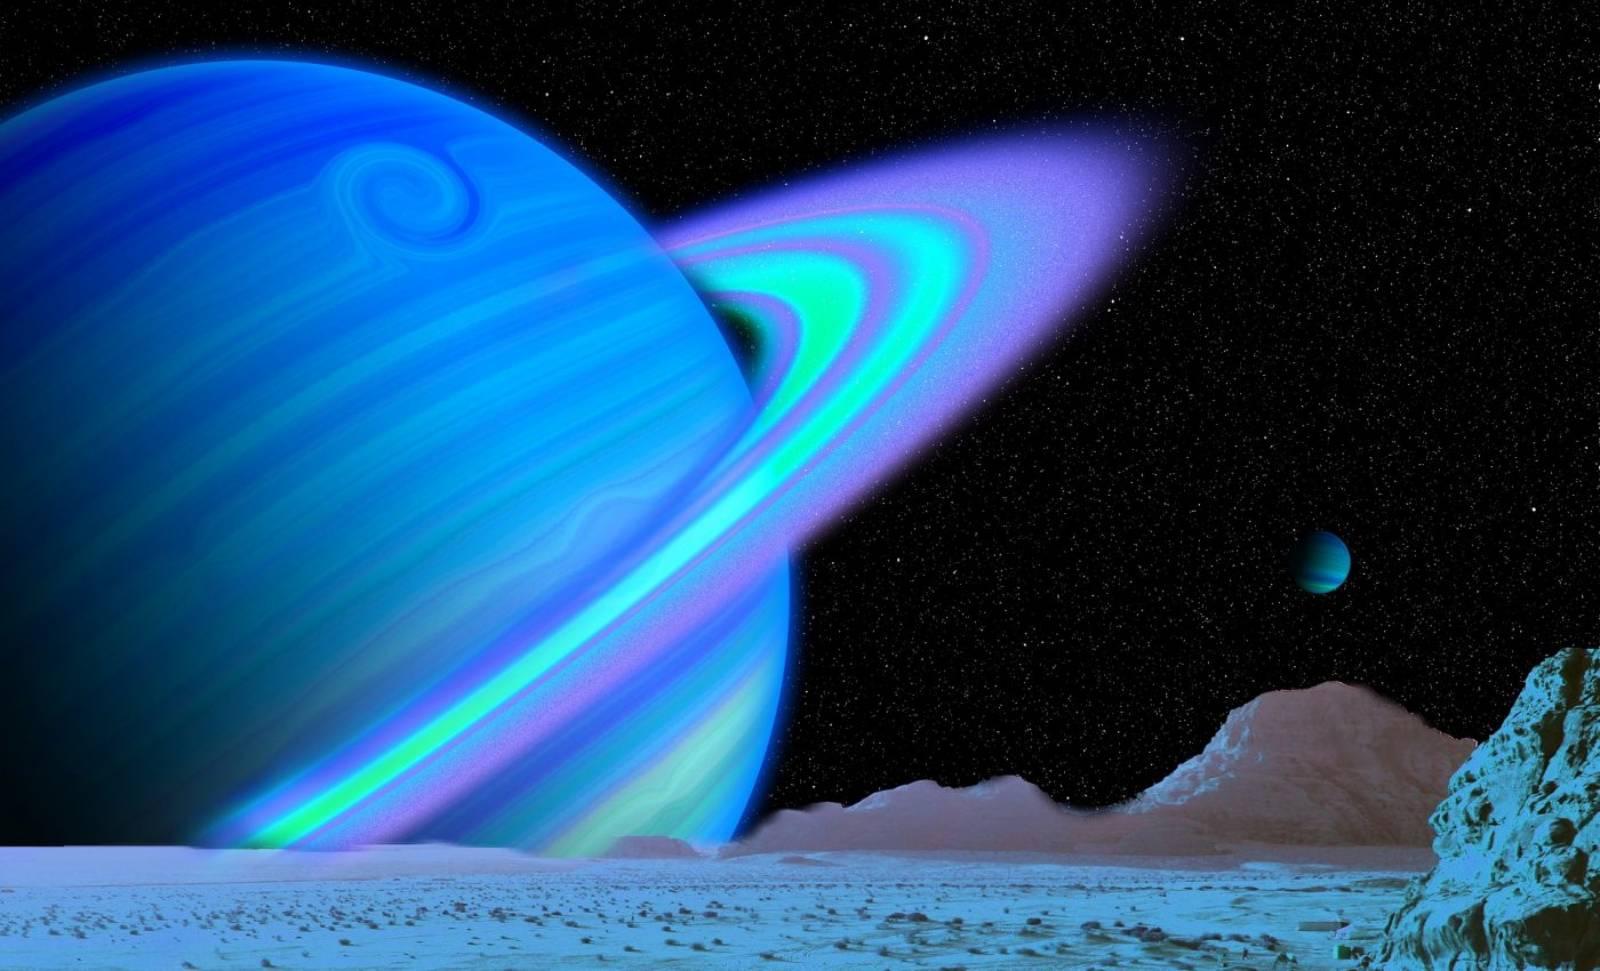 Planeta Uranus magnetosfera